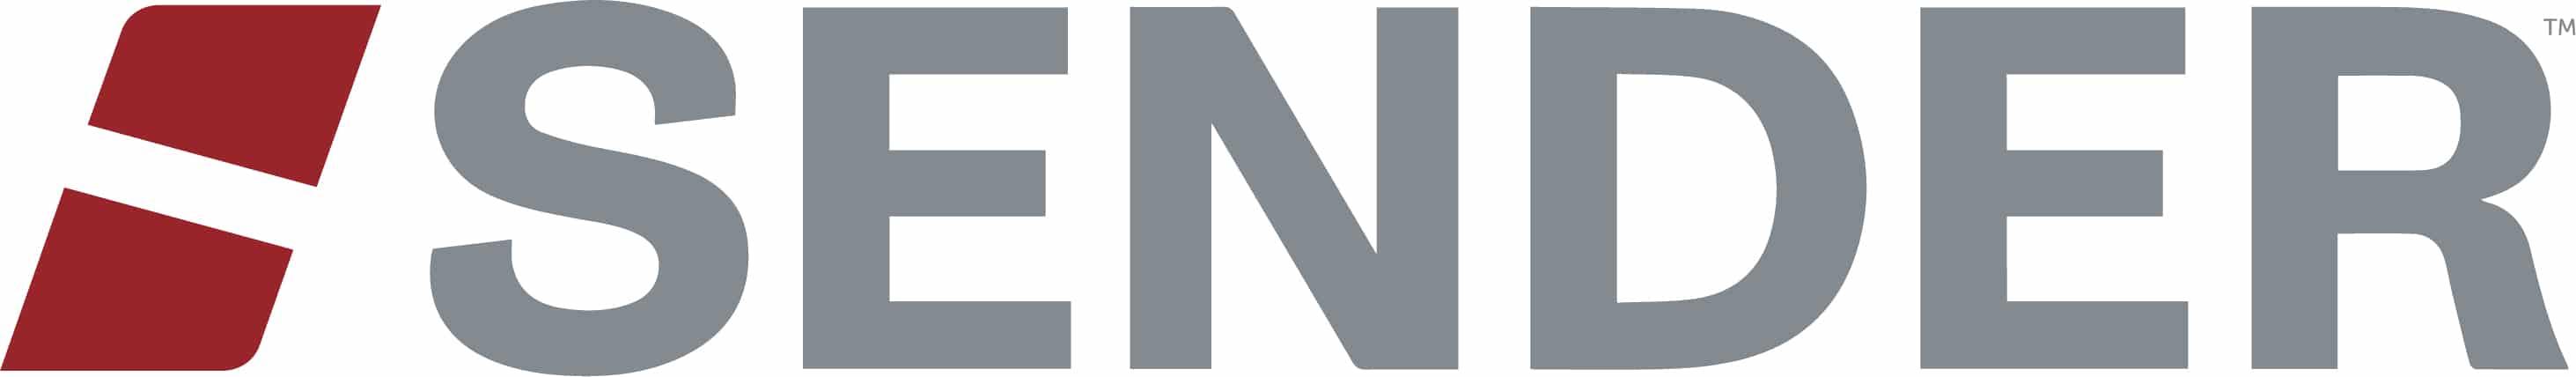 sender rebrand new logo